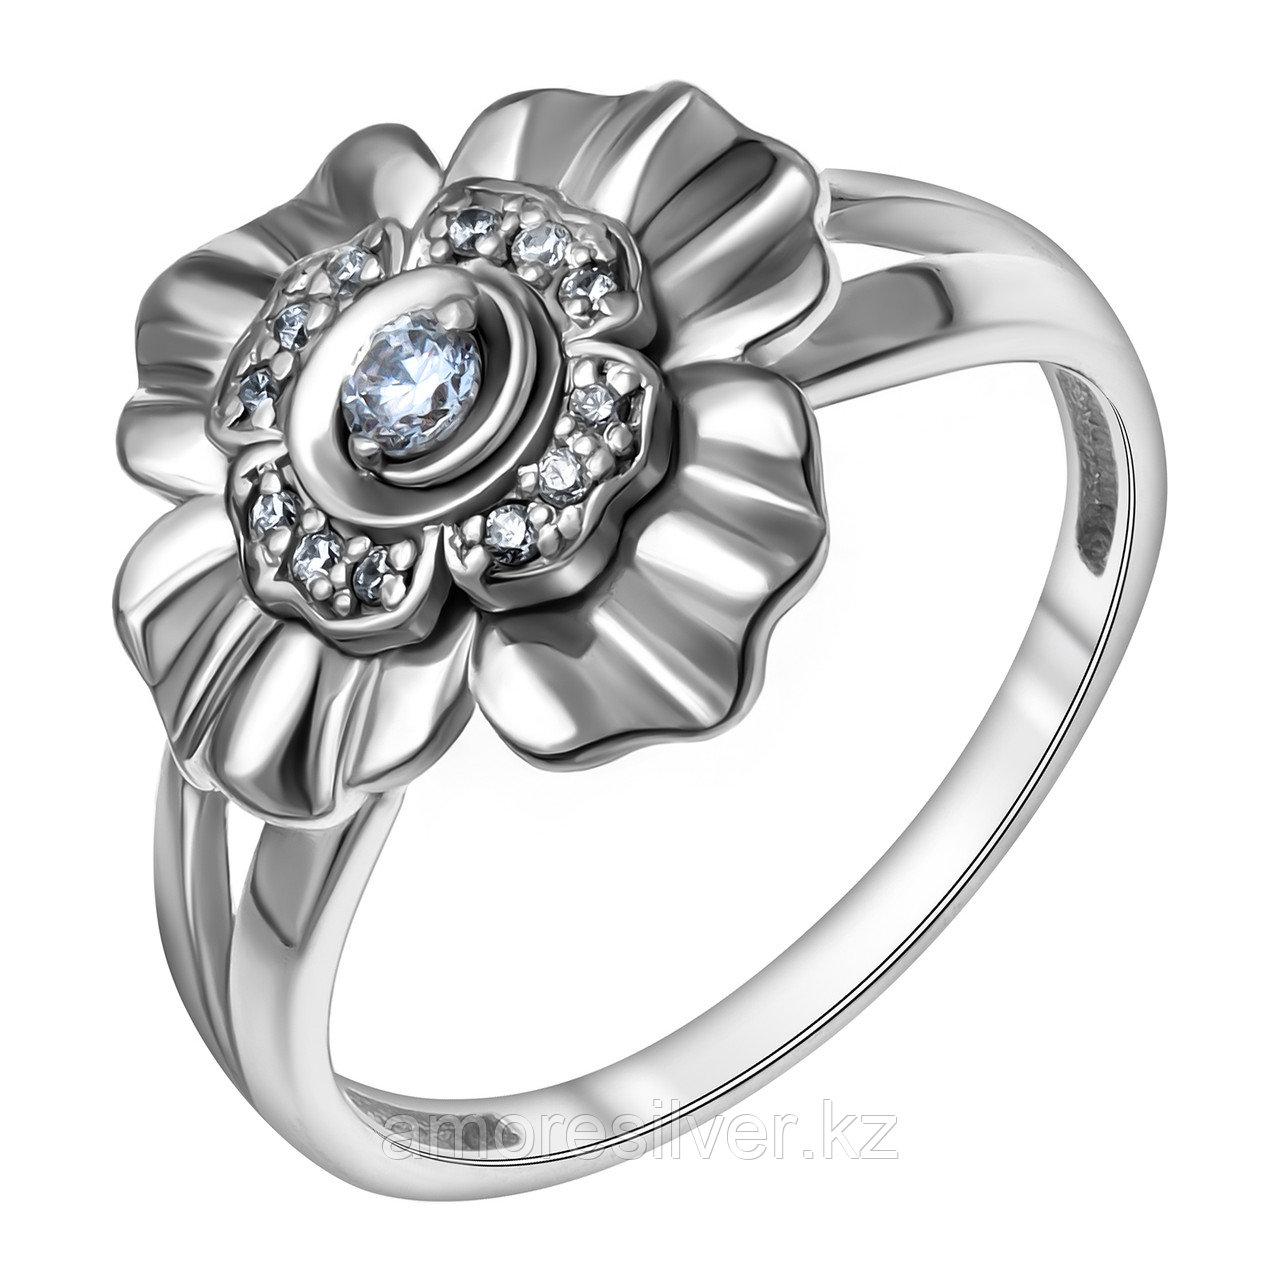 Кольцо Delta серебро с родием, фианит, флора с115939 размеры - 17